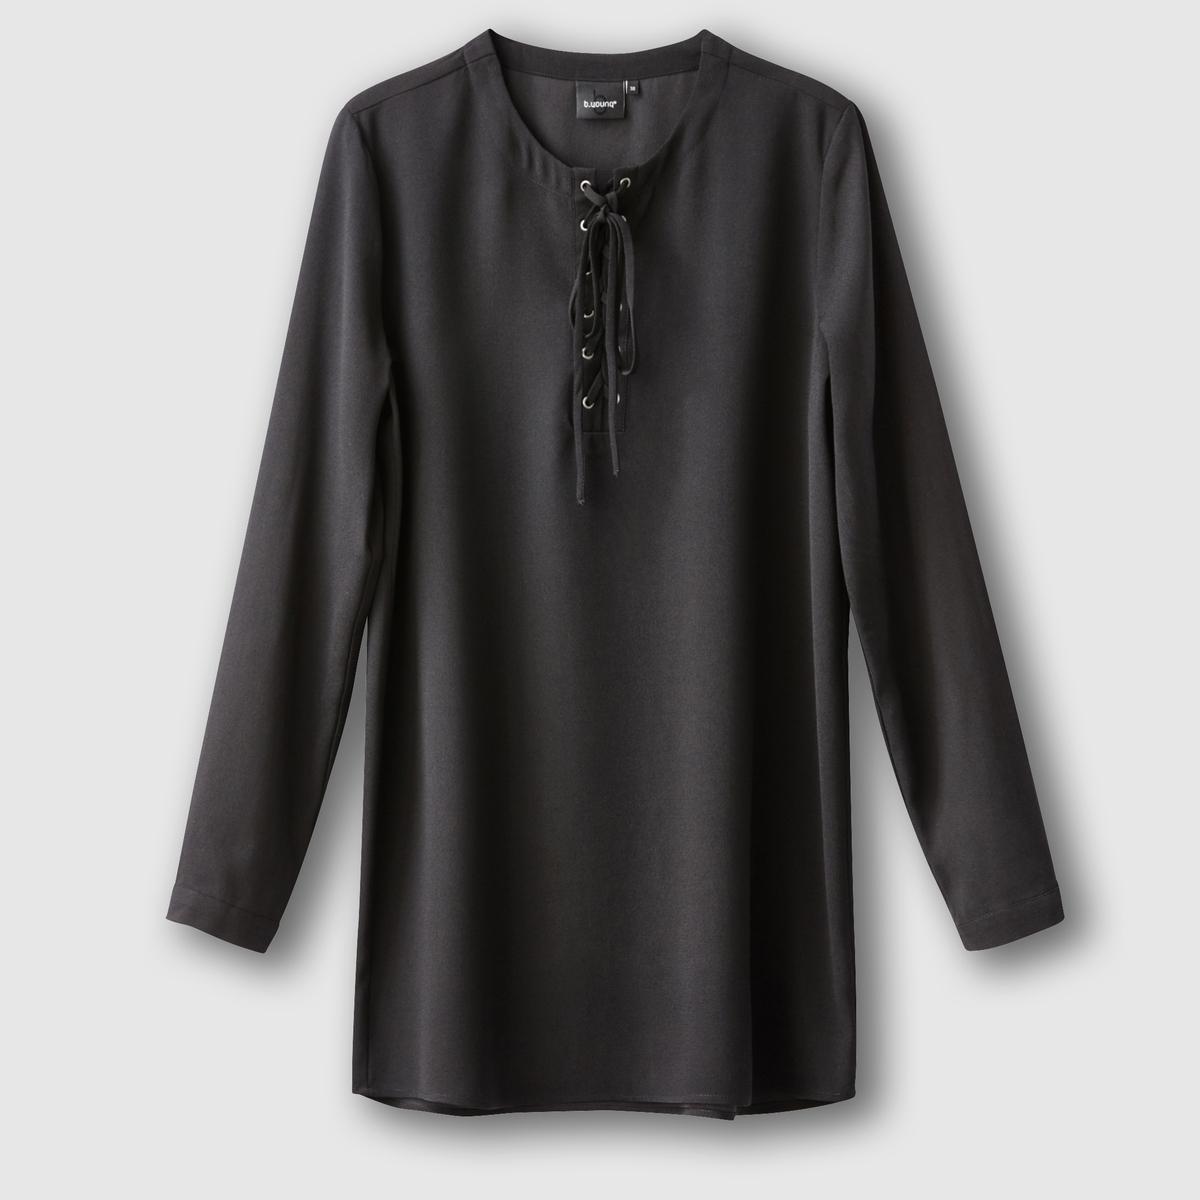 Блузка длинная DANA SHIRTБлузка DANA SHIRT от B .YOUNG    . Блузка прямого покроя, длинная . Длинные рукава.  V-образный вырез с завязками.Состав и описание :Материал : 100% полиэстерМарка : B.YOUNG<br><br>Цвет: черный<br>Размер: 38 (FR) - 44 (RUS)